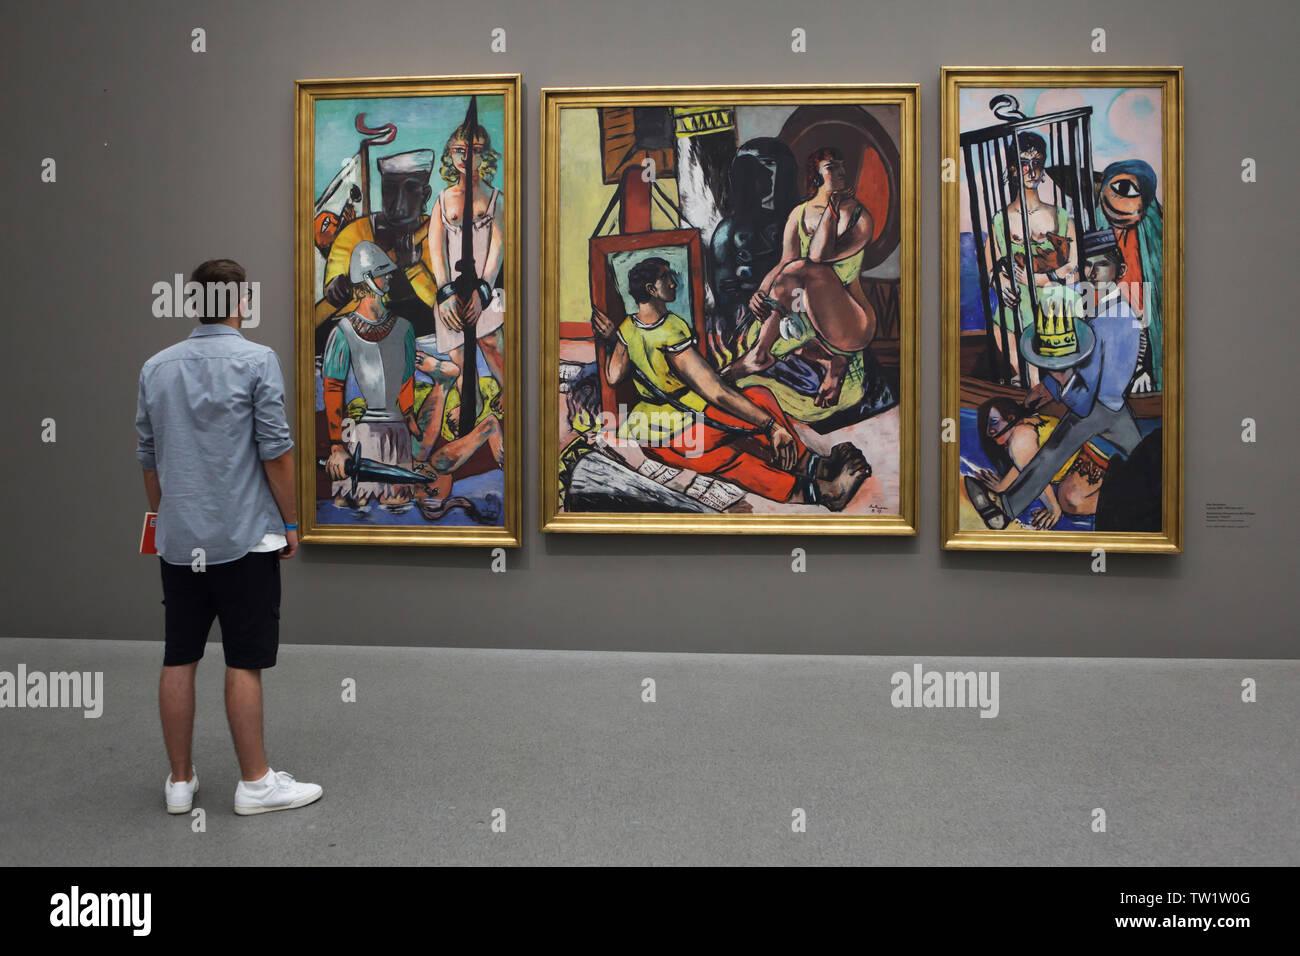 """Syndicat devant du triptyque 'La Tentation de Saint Antoine"""" (""""Tentation"""") par le peintre allemand Max Beckmann (1936-1937) affiché dans la Pinakothek der Moderne à Munich, Bavière, Allemagne. Photo Stock"""